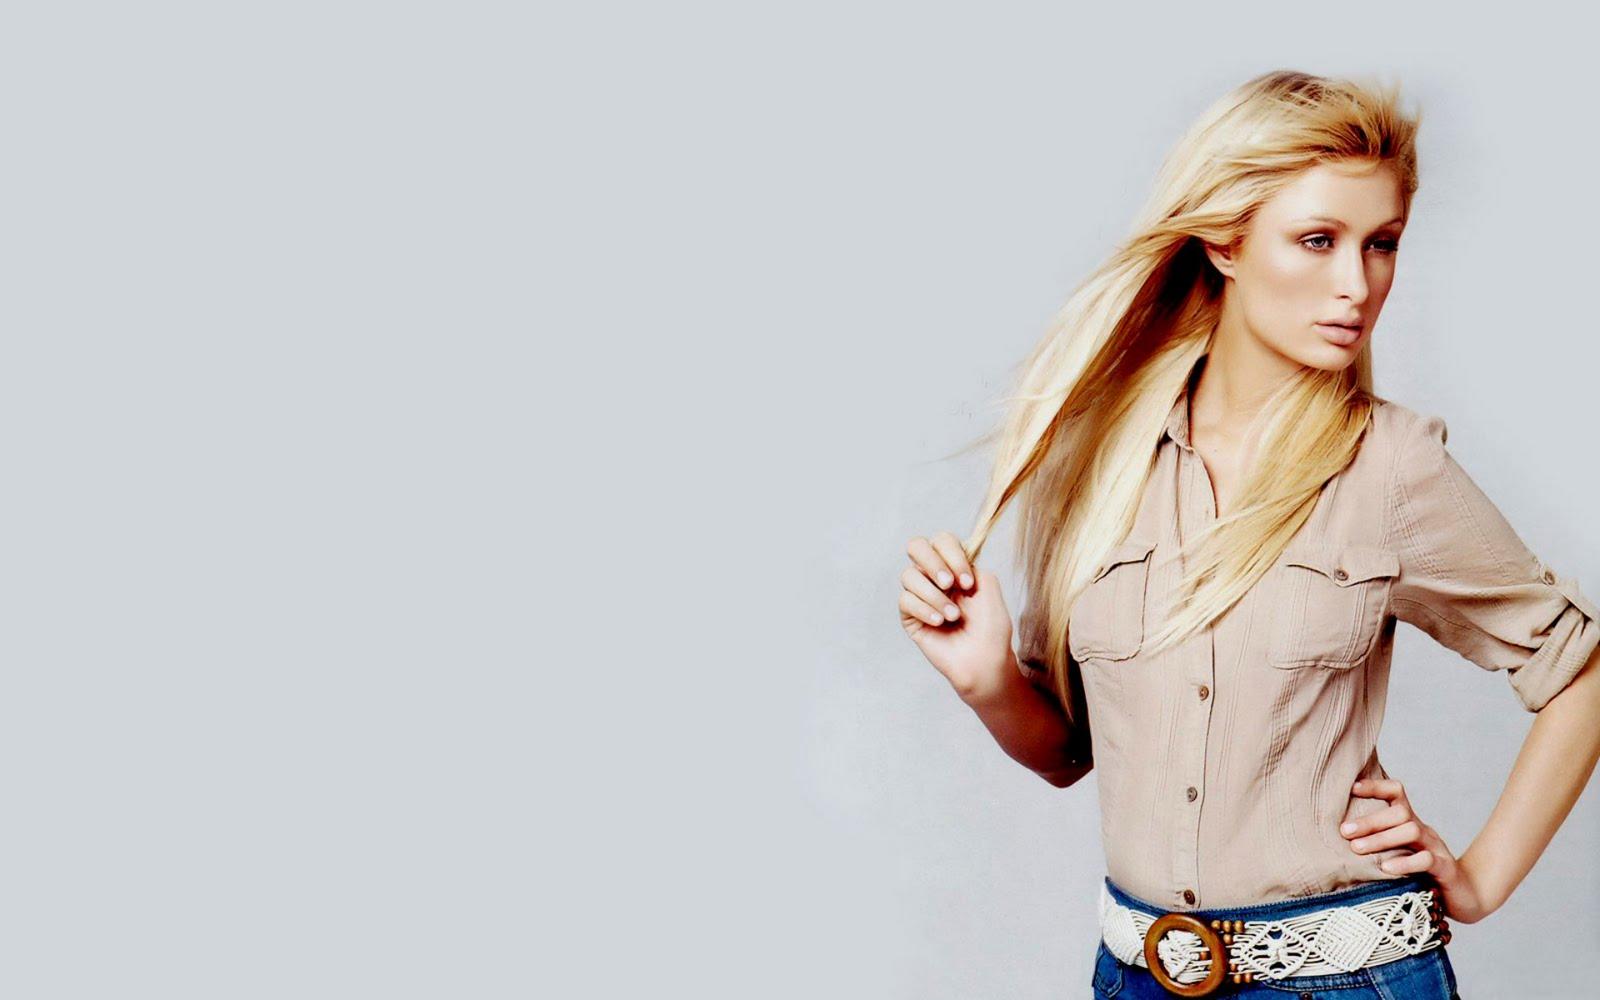 Paris Hilton Hd Wallpaper 14 Hd Paris Hilton Wallpapers